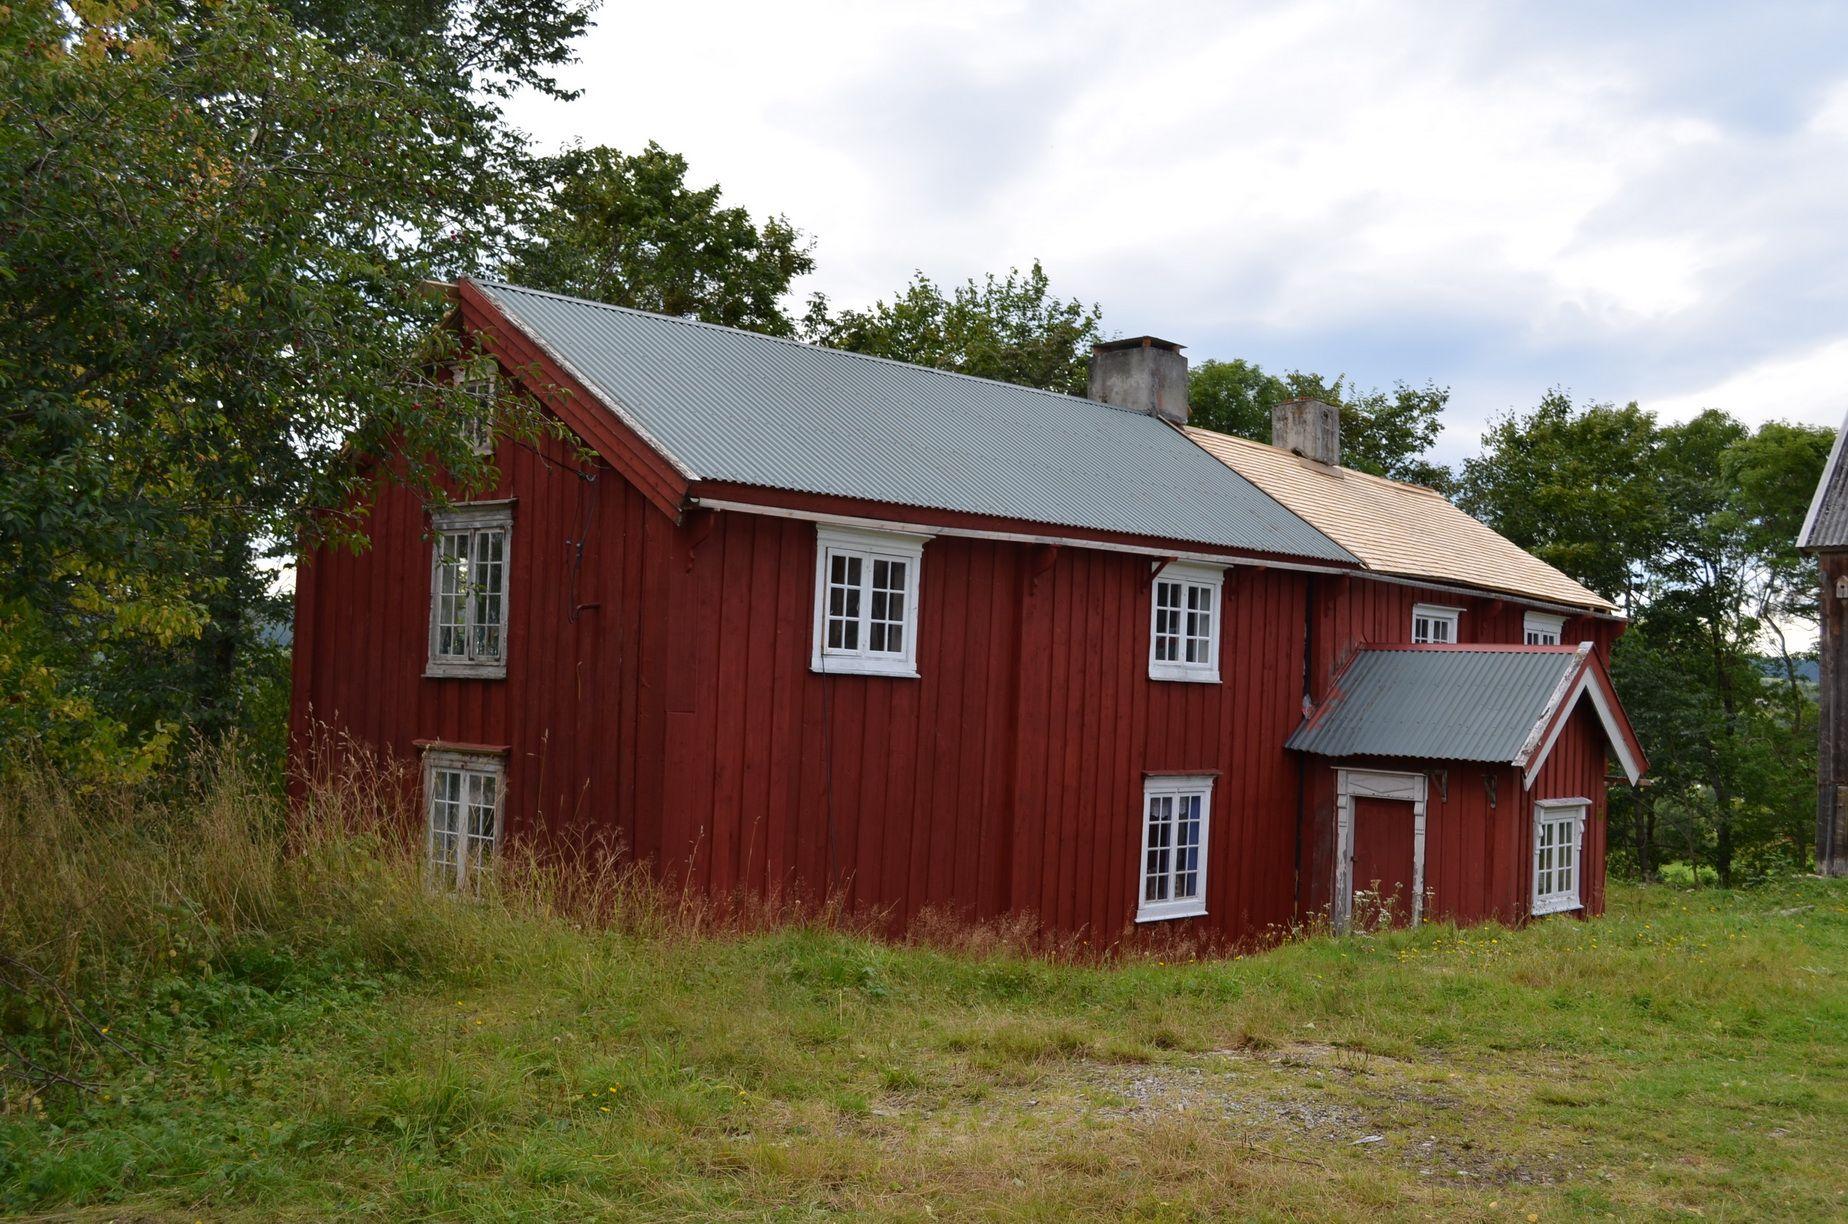 Killingberg Mellom Leksvik i Nord-Trøndelag. Foto: Frode Killingberg